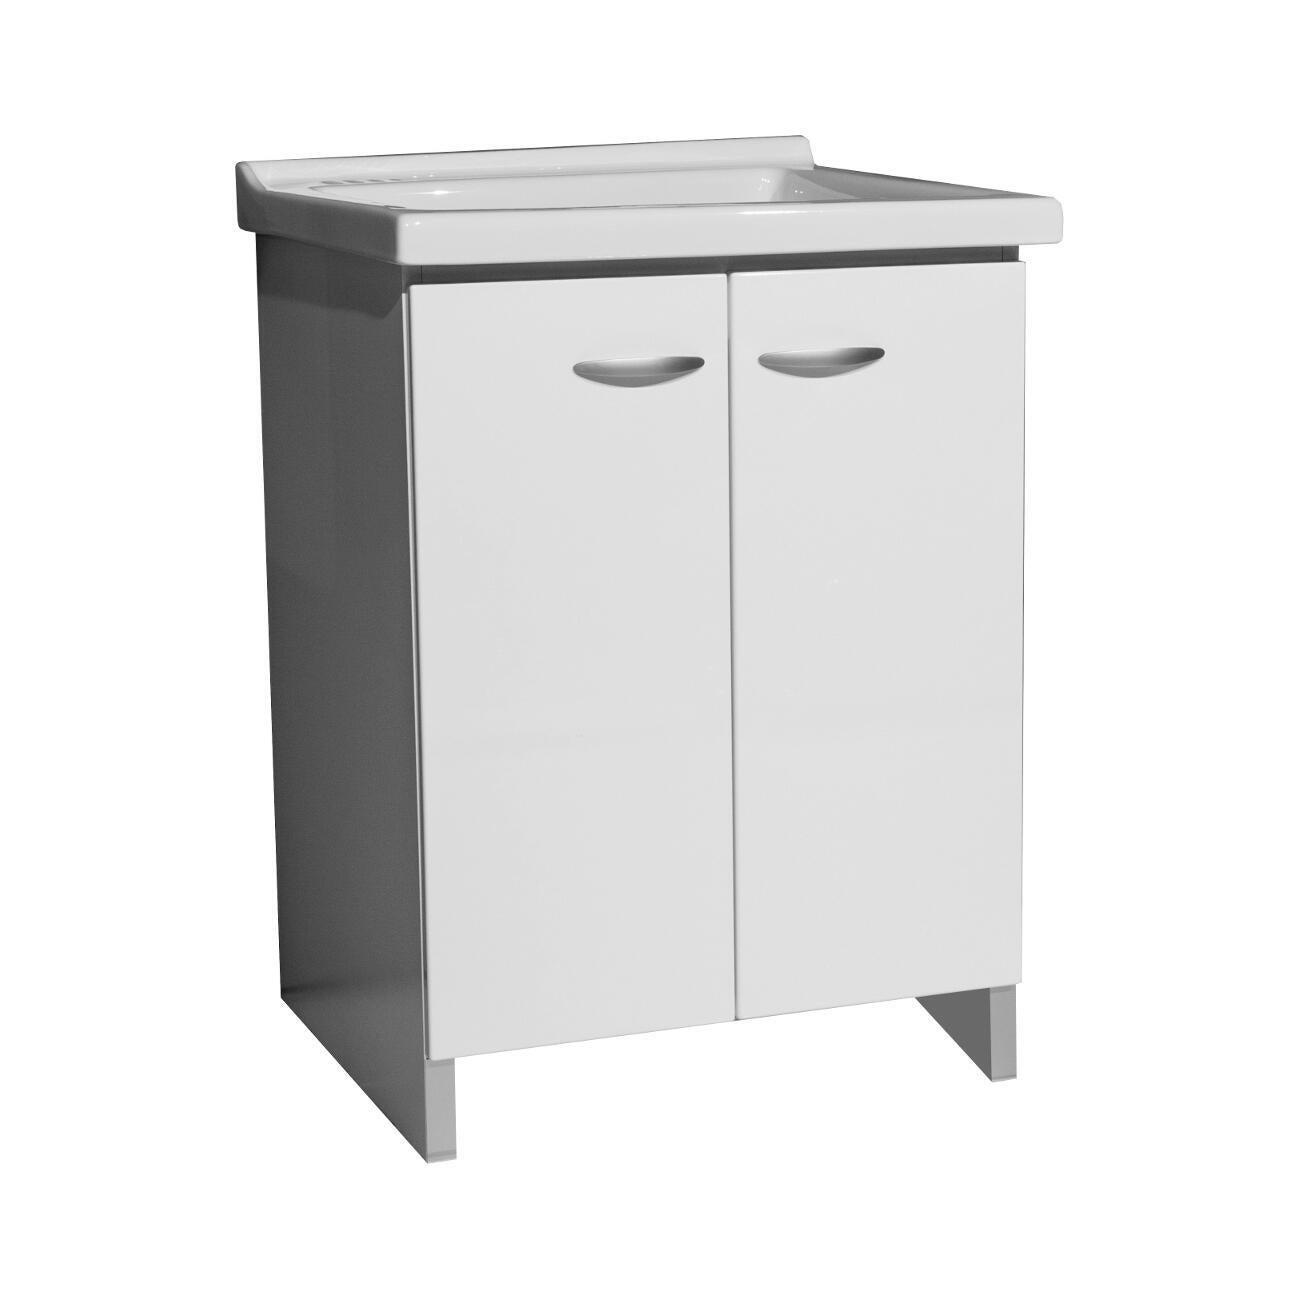 Mobile lavanderia Premium bianco L 63 x P 50 x H 87 cm